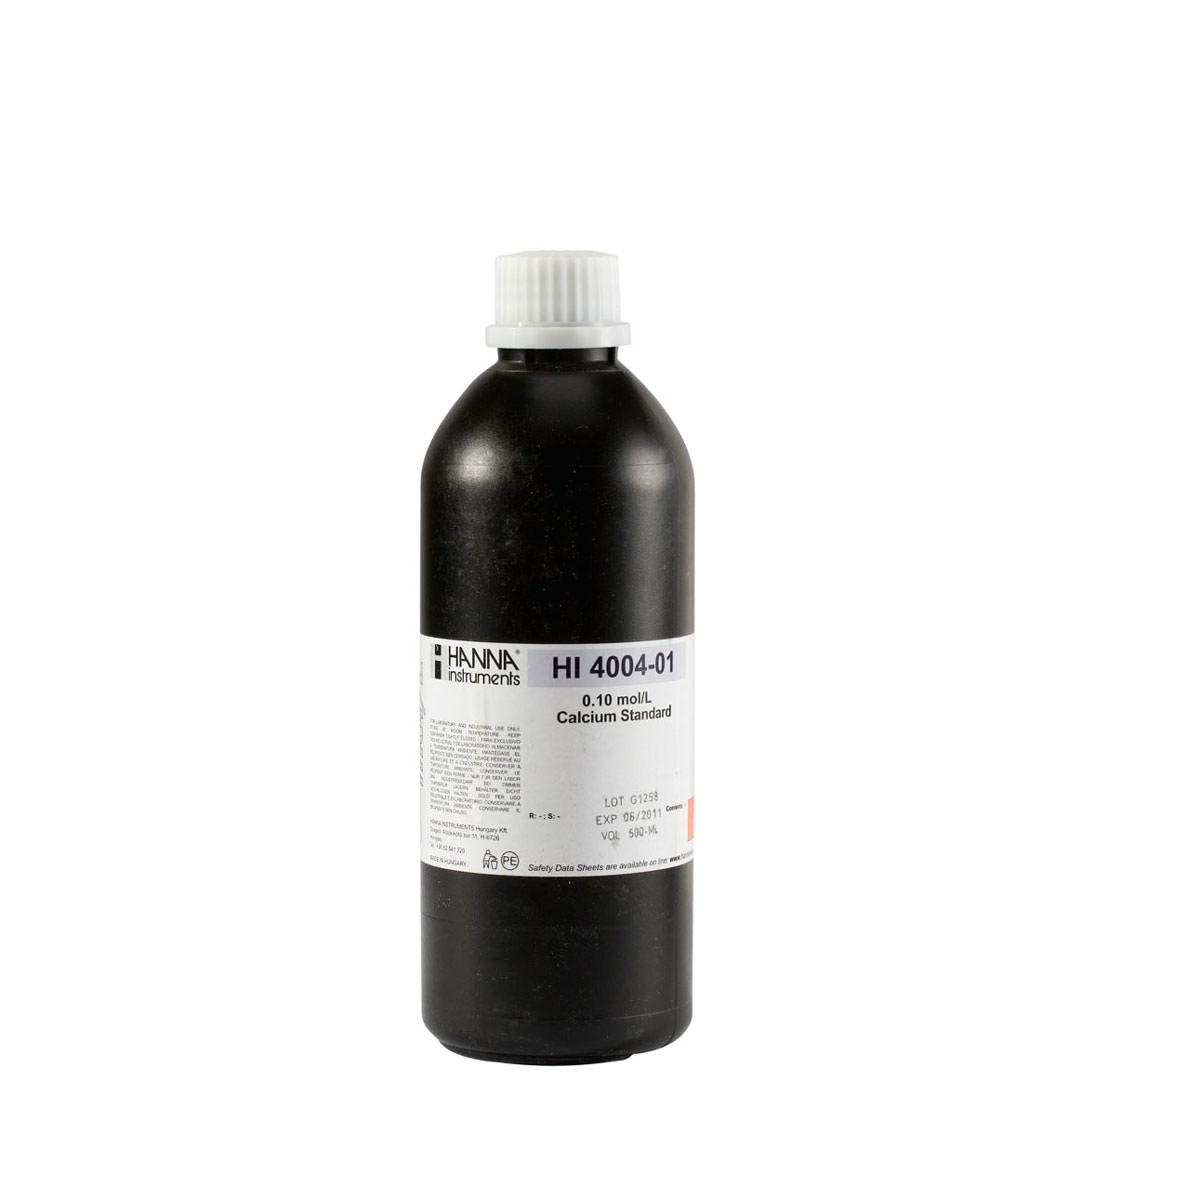 HI4004-01 Calcium Standard 0.1M (500 mL)